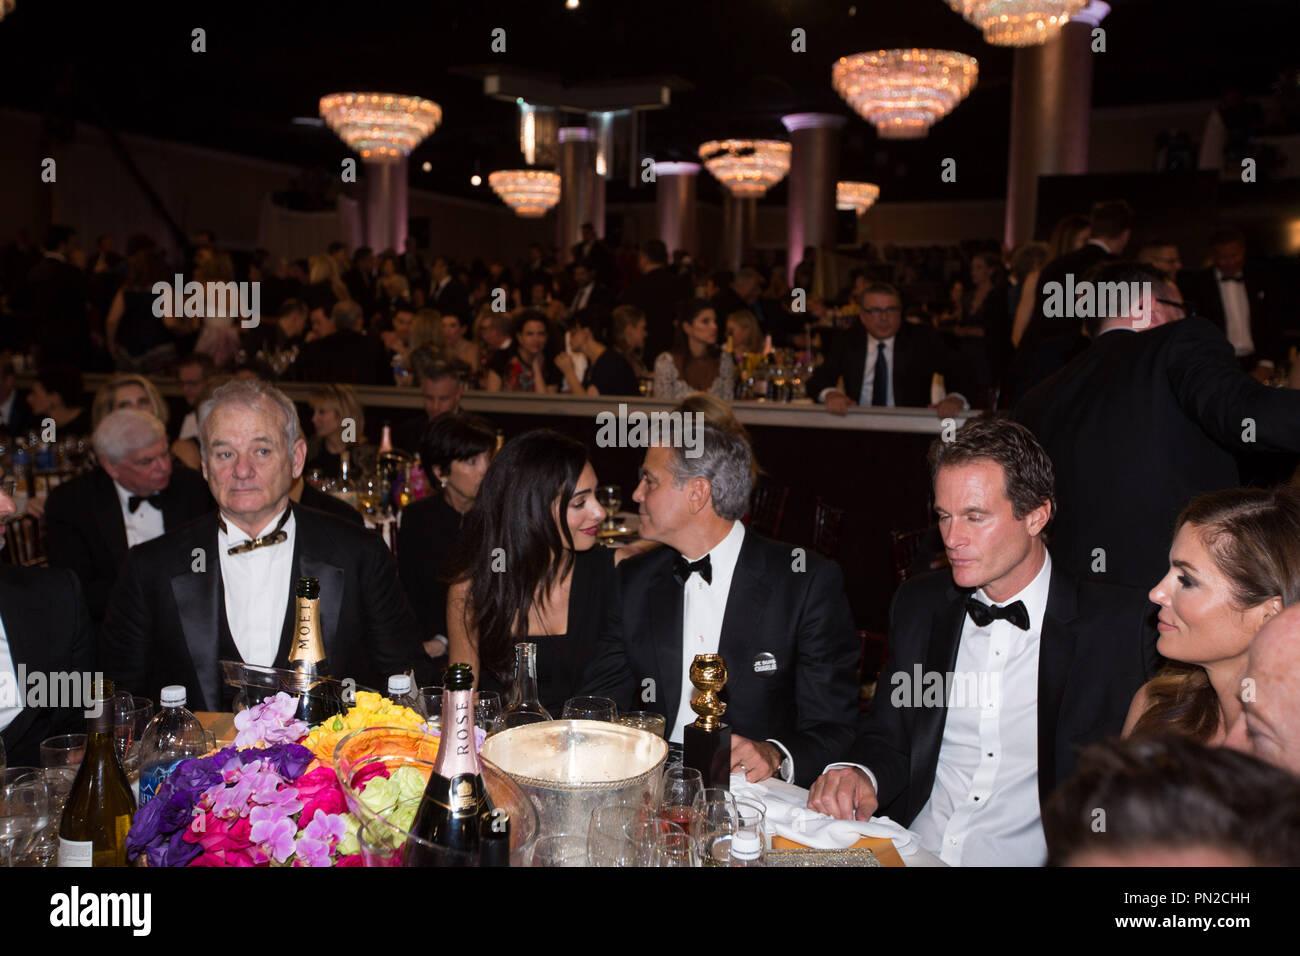 Bill Gerber Stock Photos & Bill Gerber Stock Images - Alamy